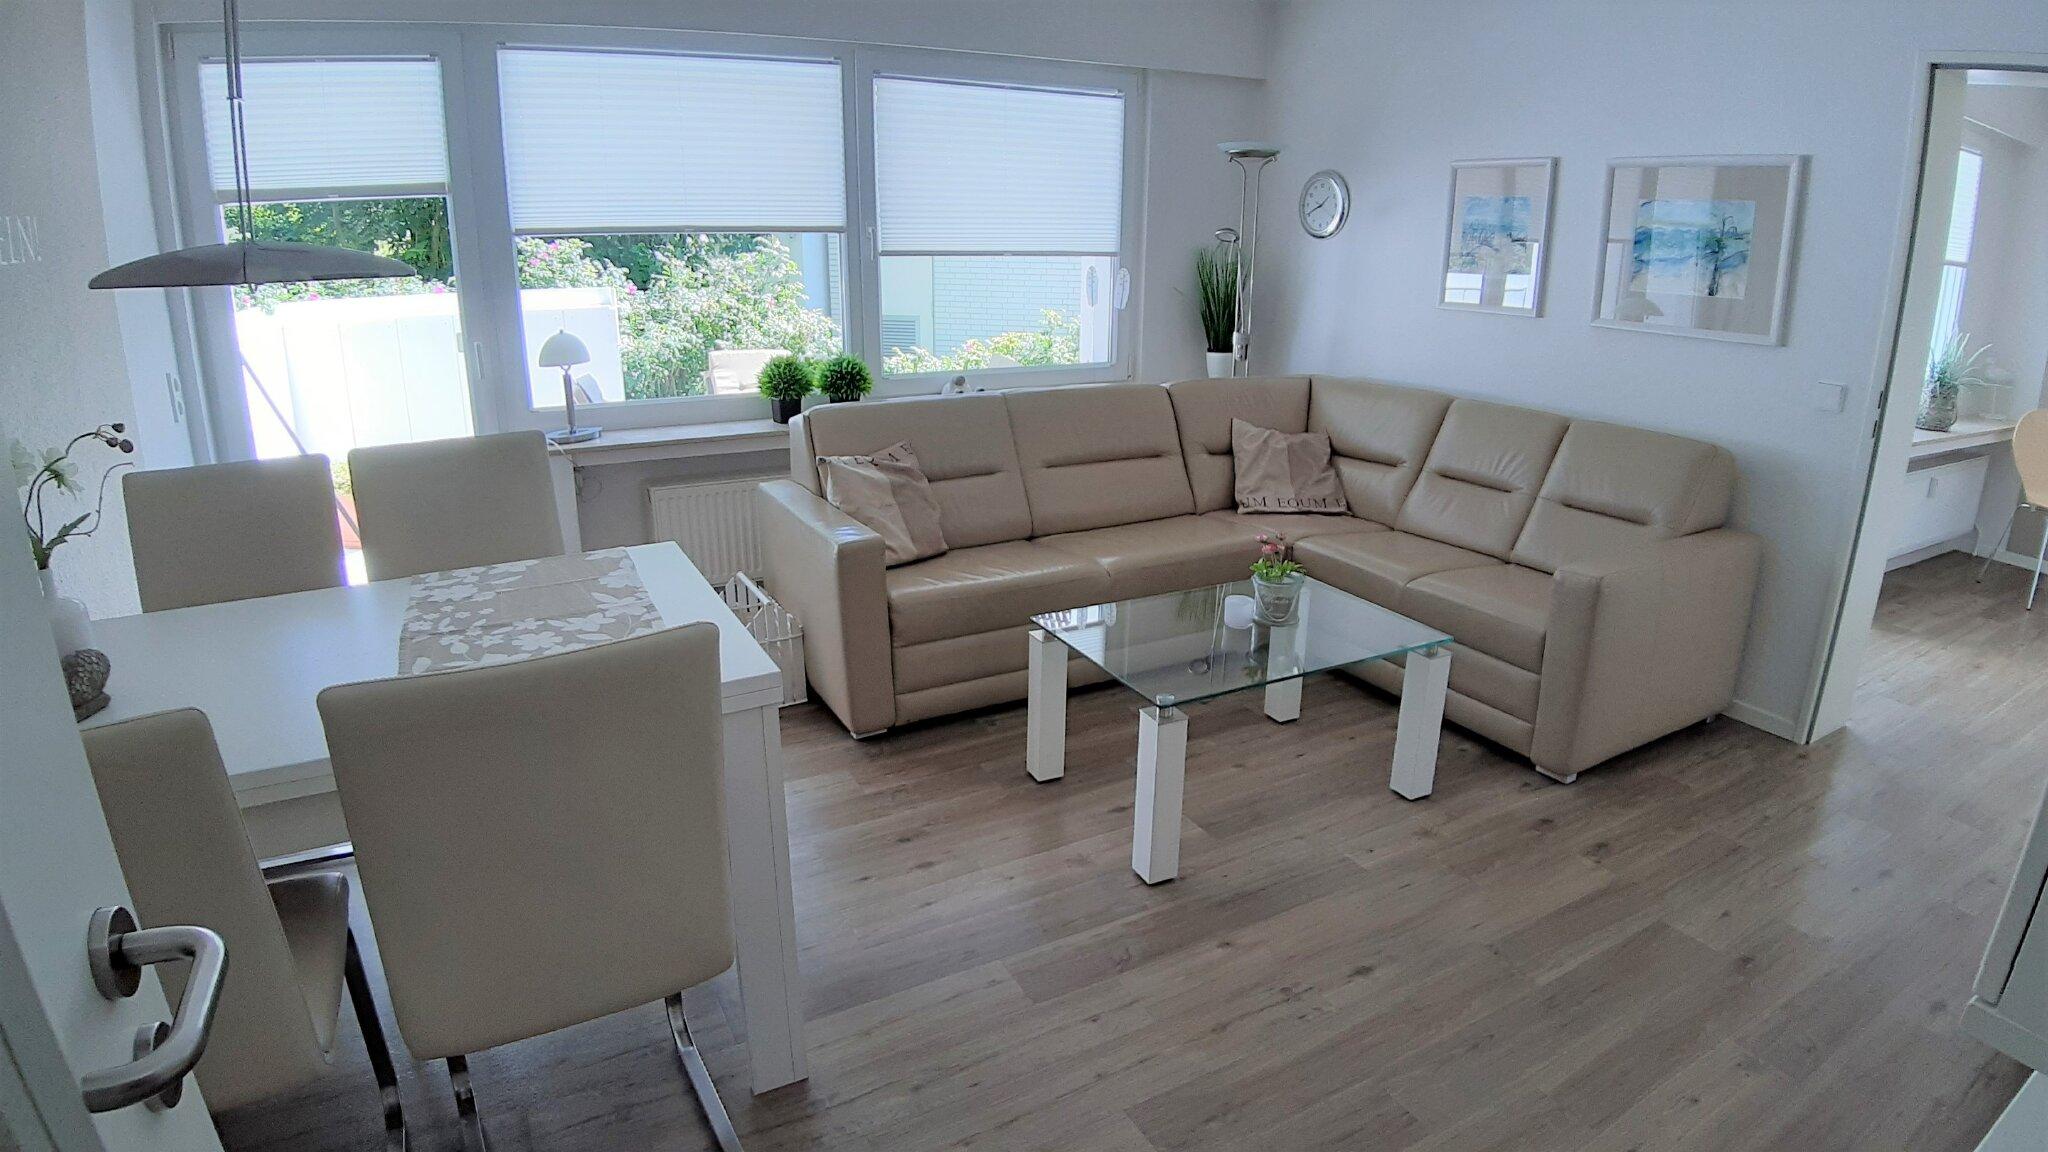 Kleines Wohnzimmer Mit Essbereich Einrichten